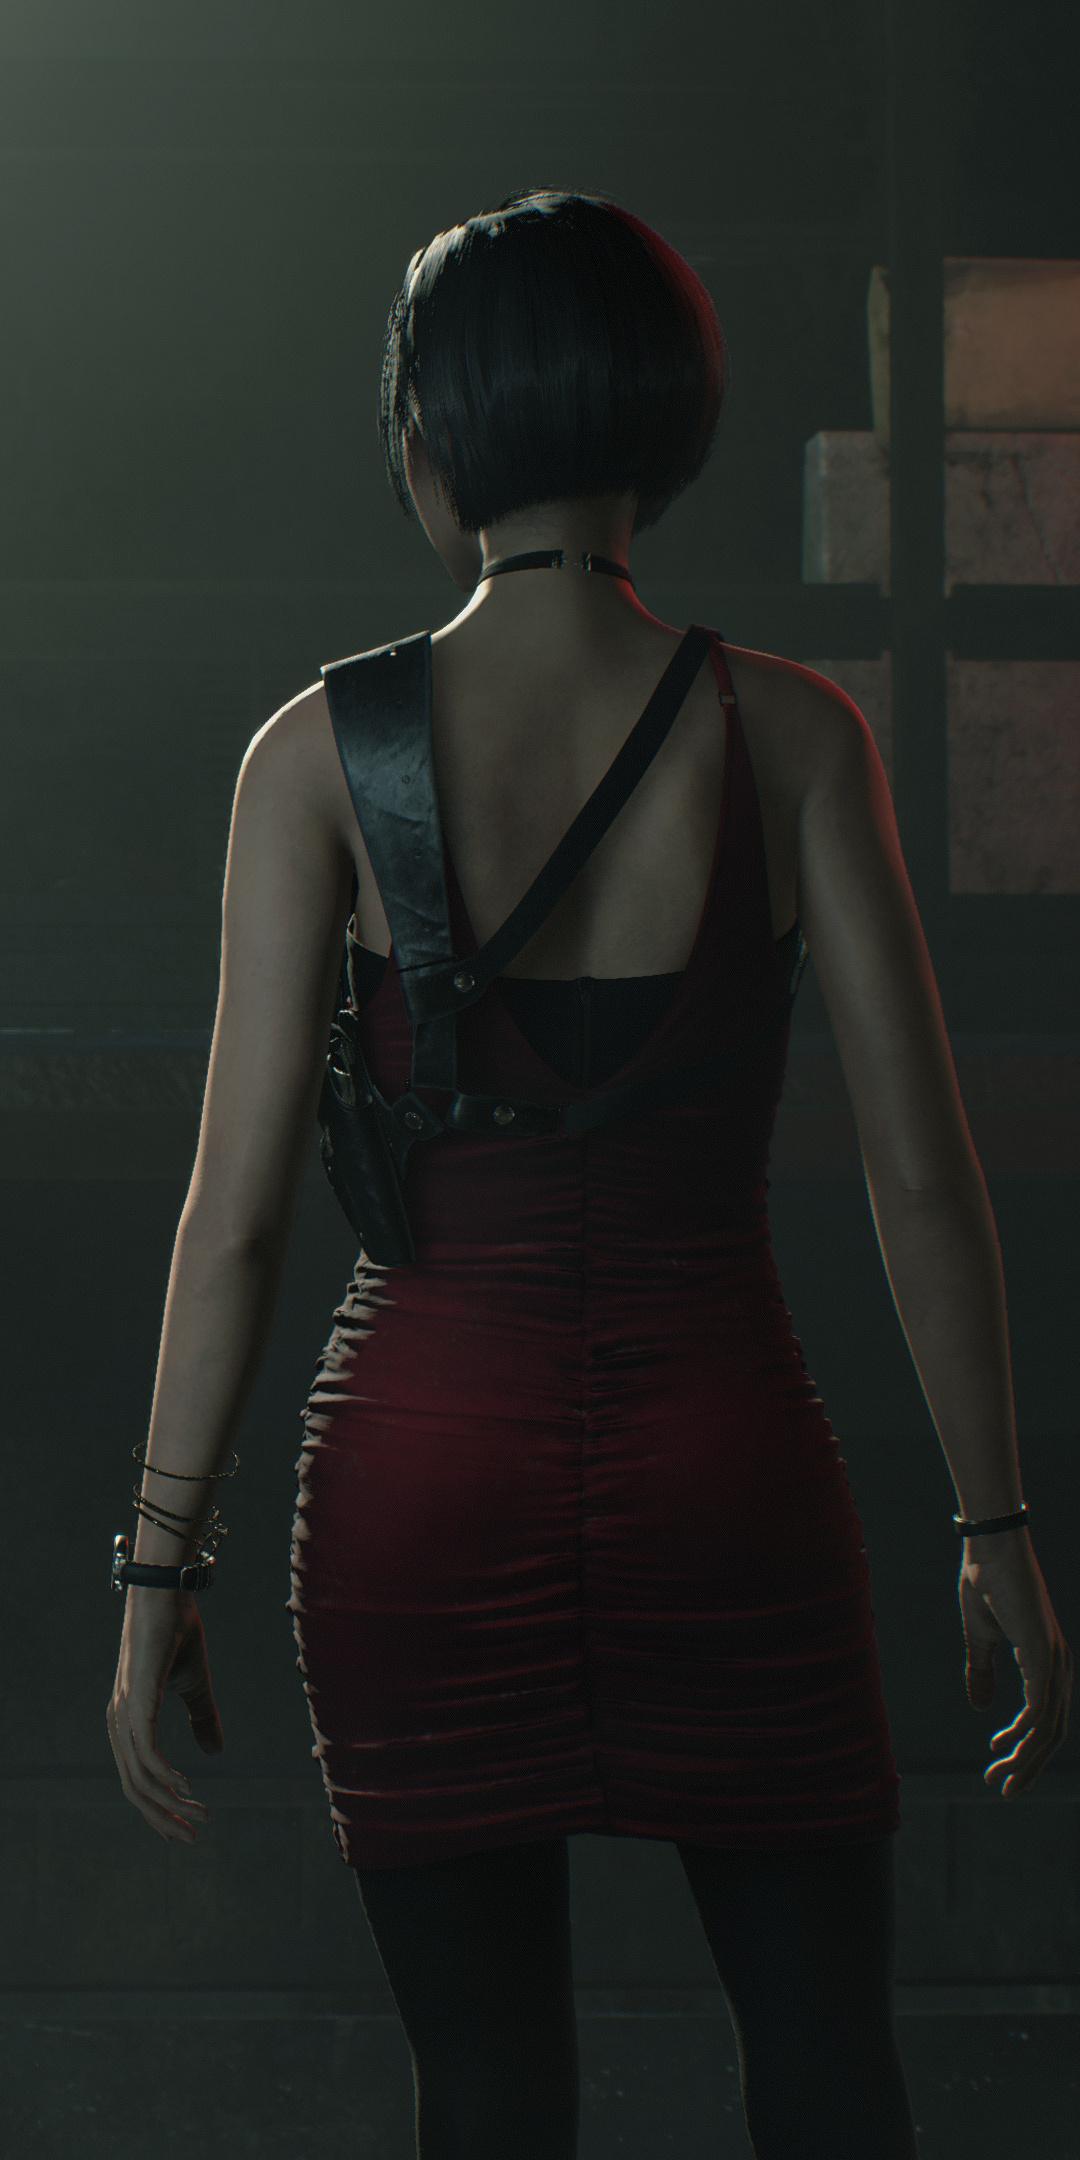 4k-claire-redfield-resident-evil-2-se.jpg